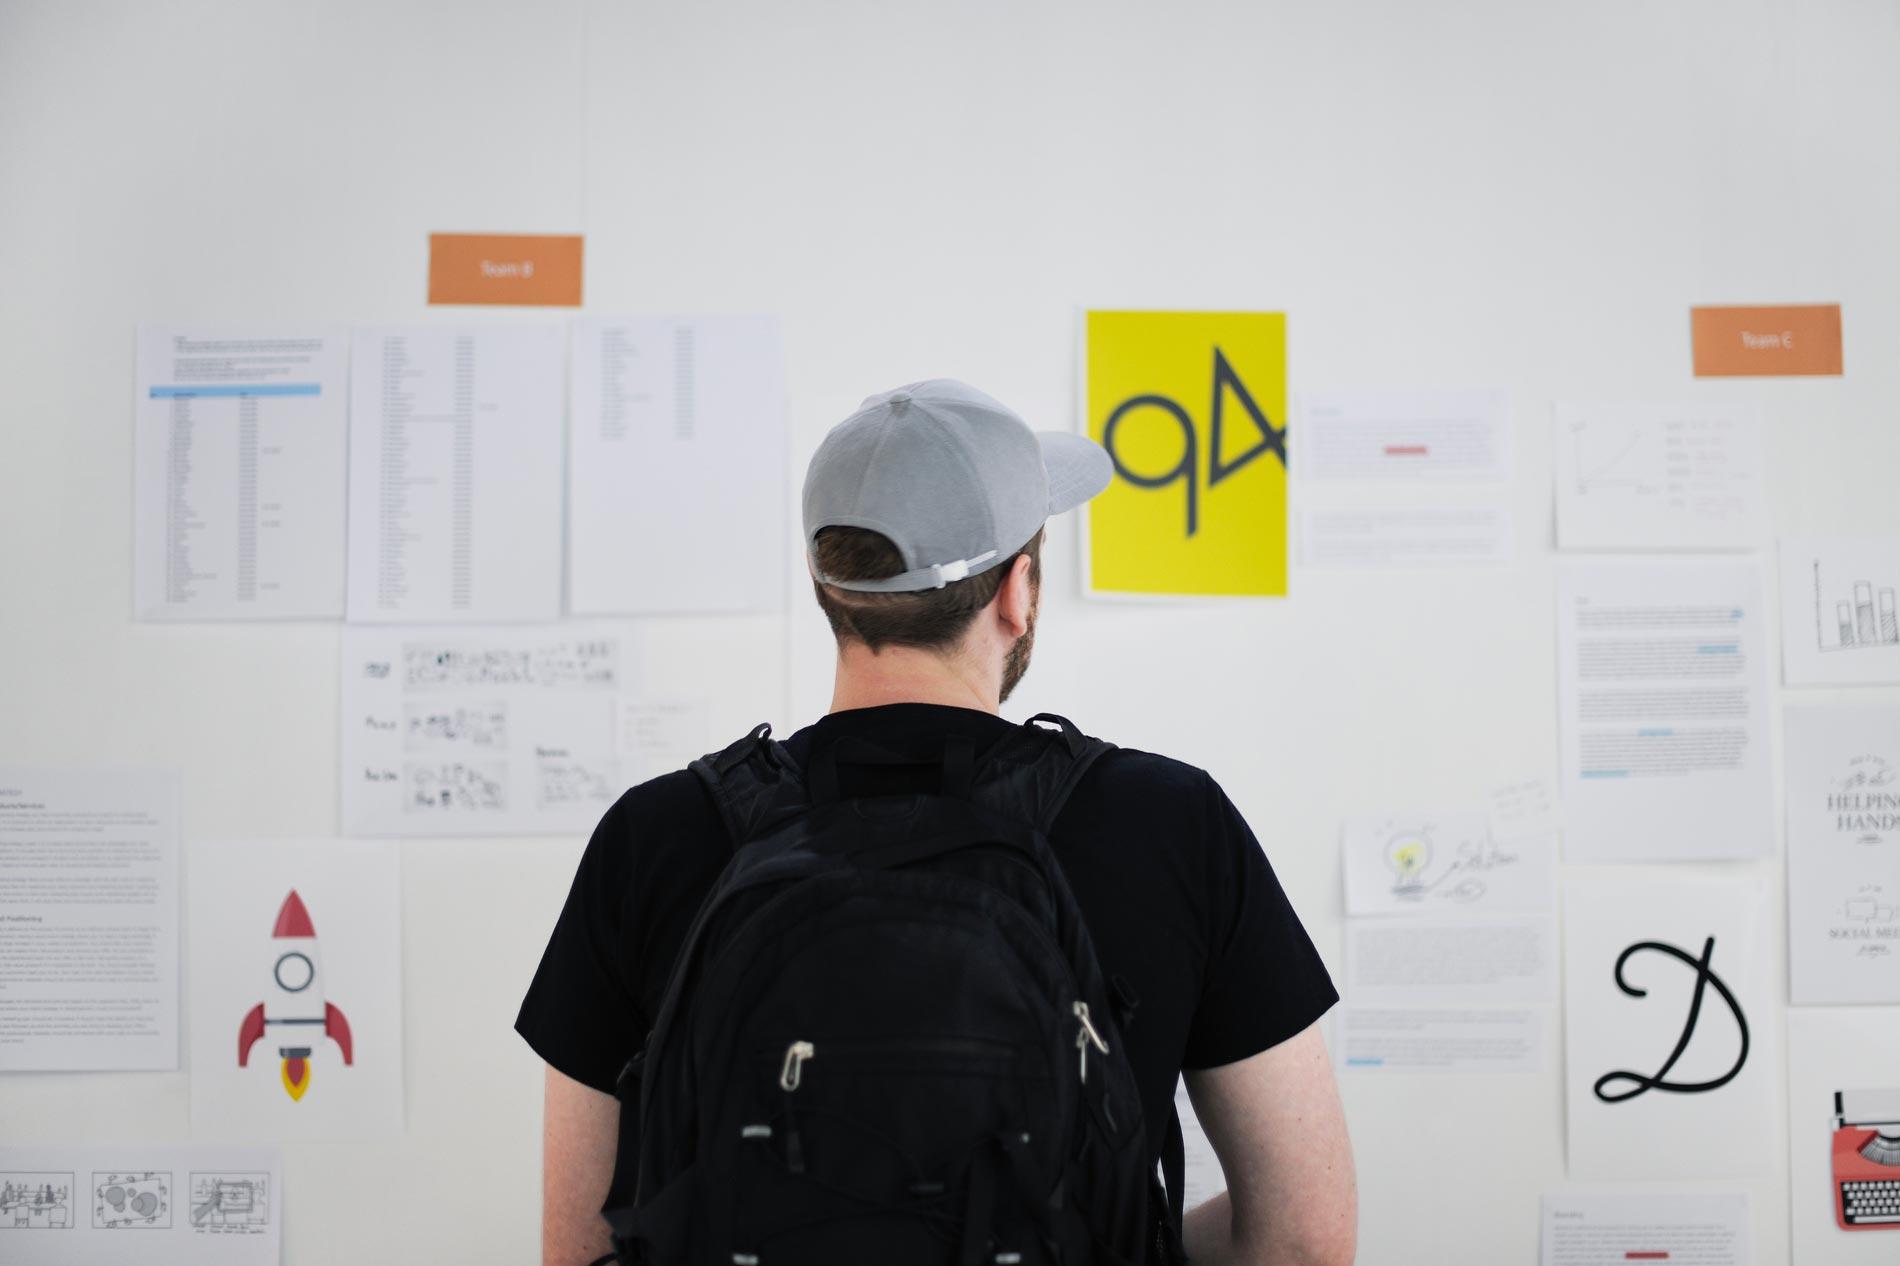 news.srl startup